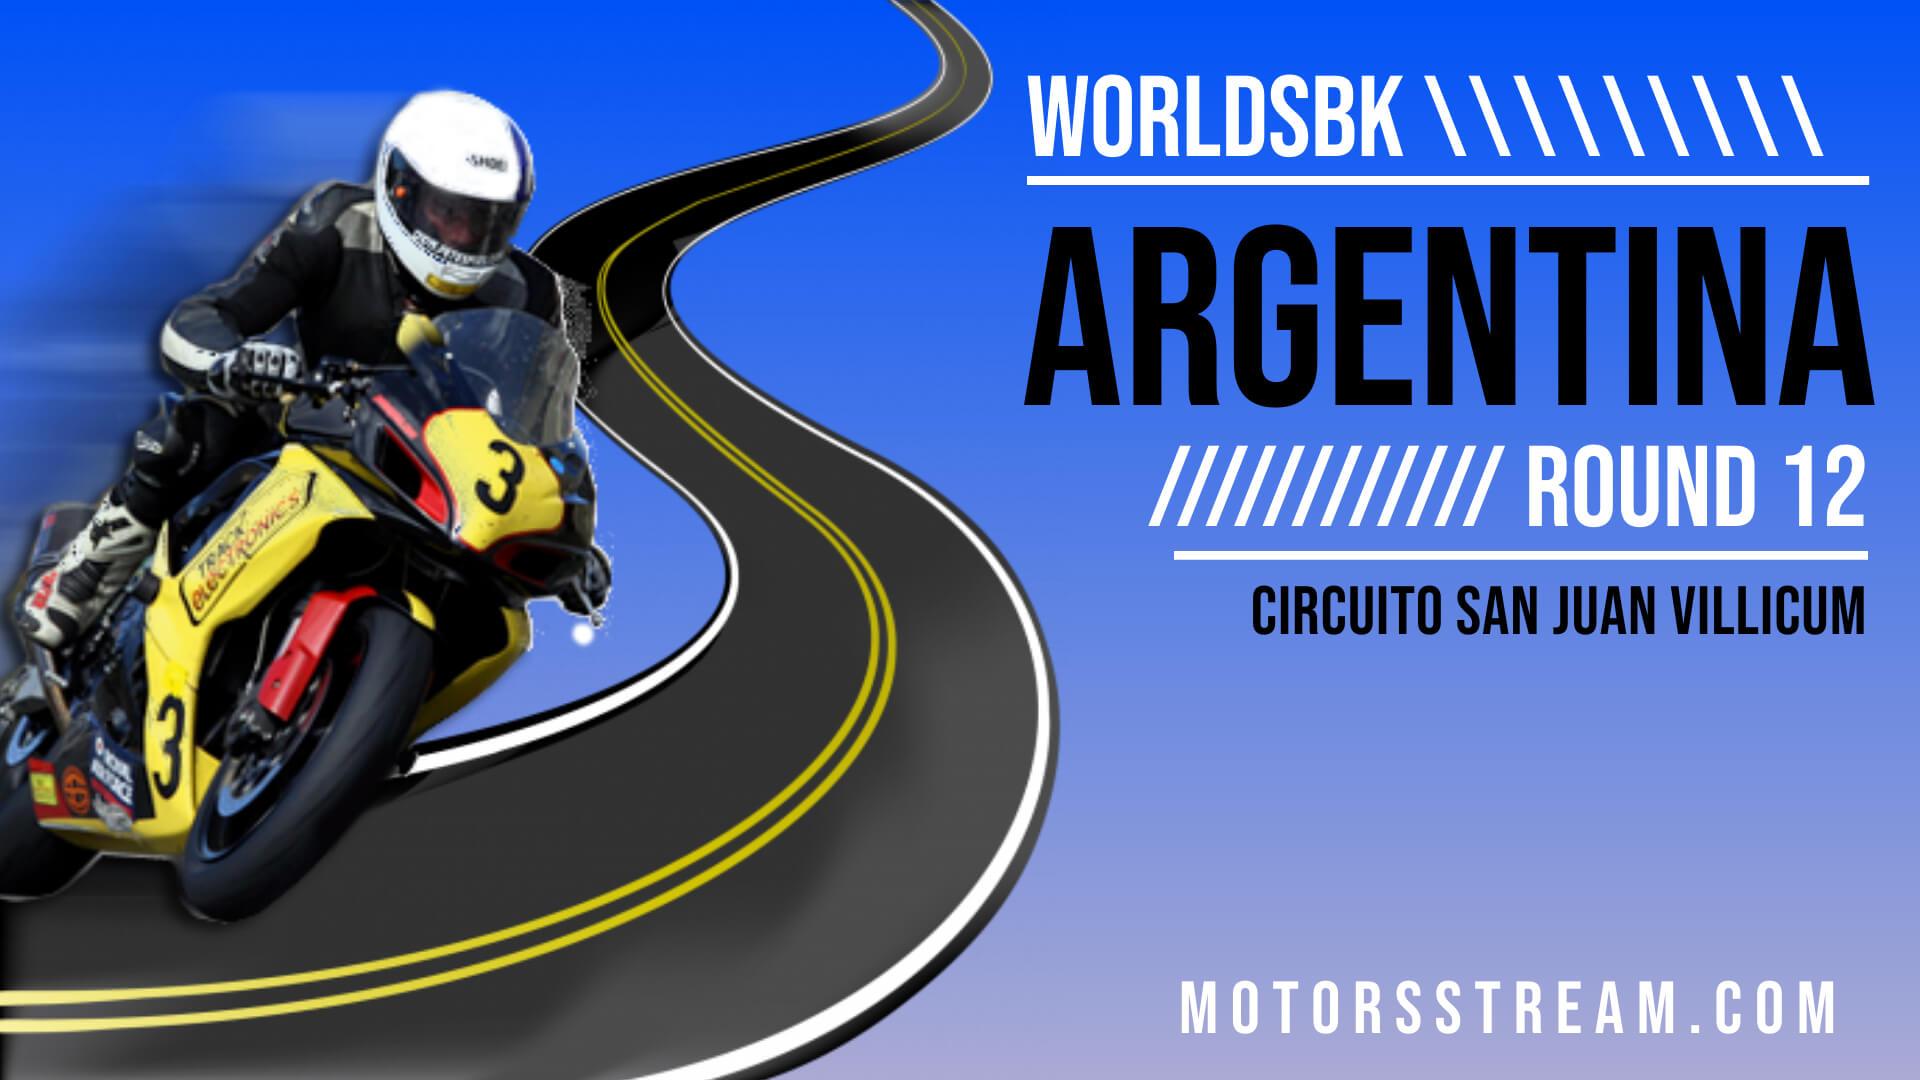 Argentina WSBK Round 12 Live Stream